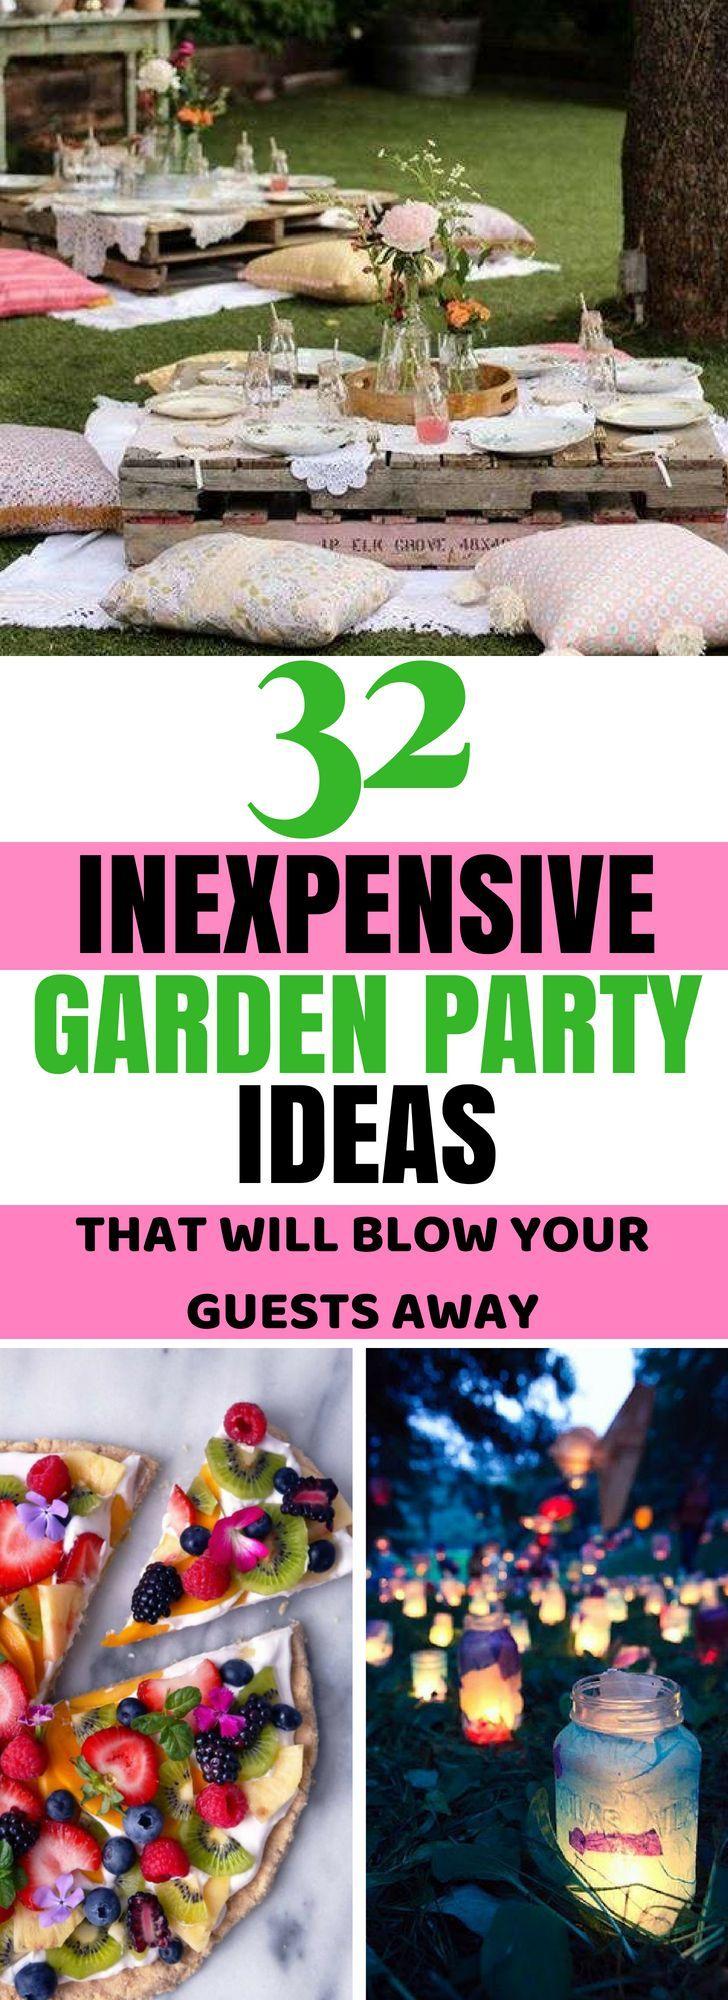 32 Ideen für die beste Gartenparty (mit Bildern), die Sie 2019 nicht verpassen werden …